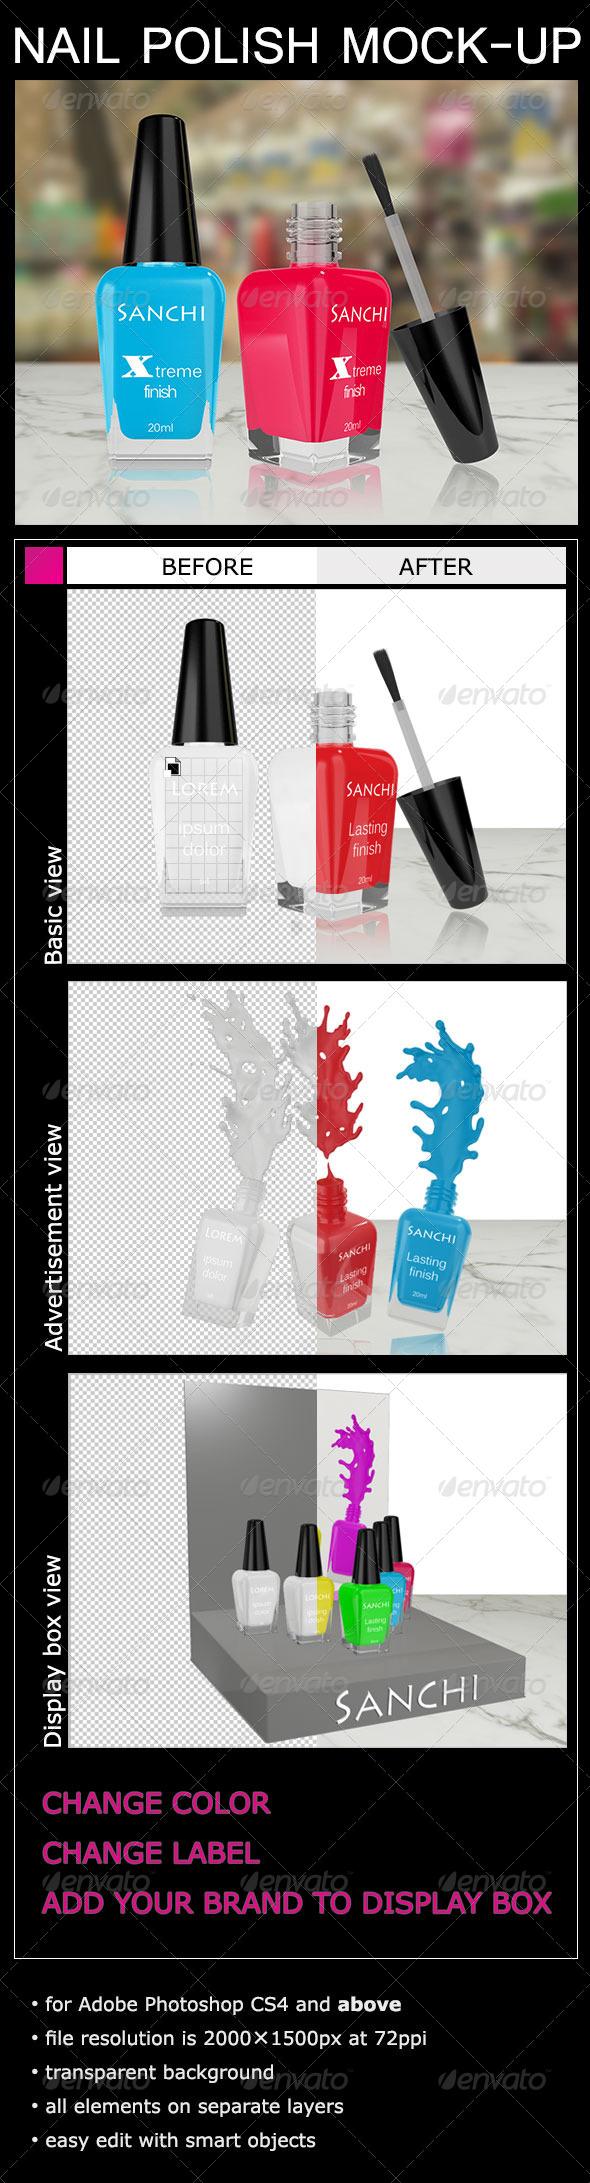 Nail Polish Mock-Up - Product Mock-Ups Graphics